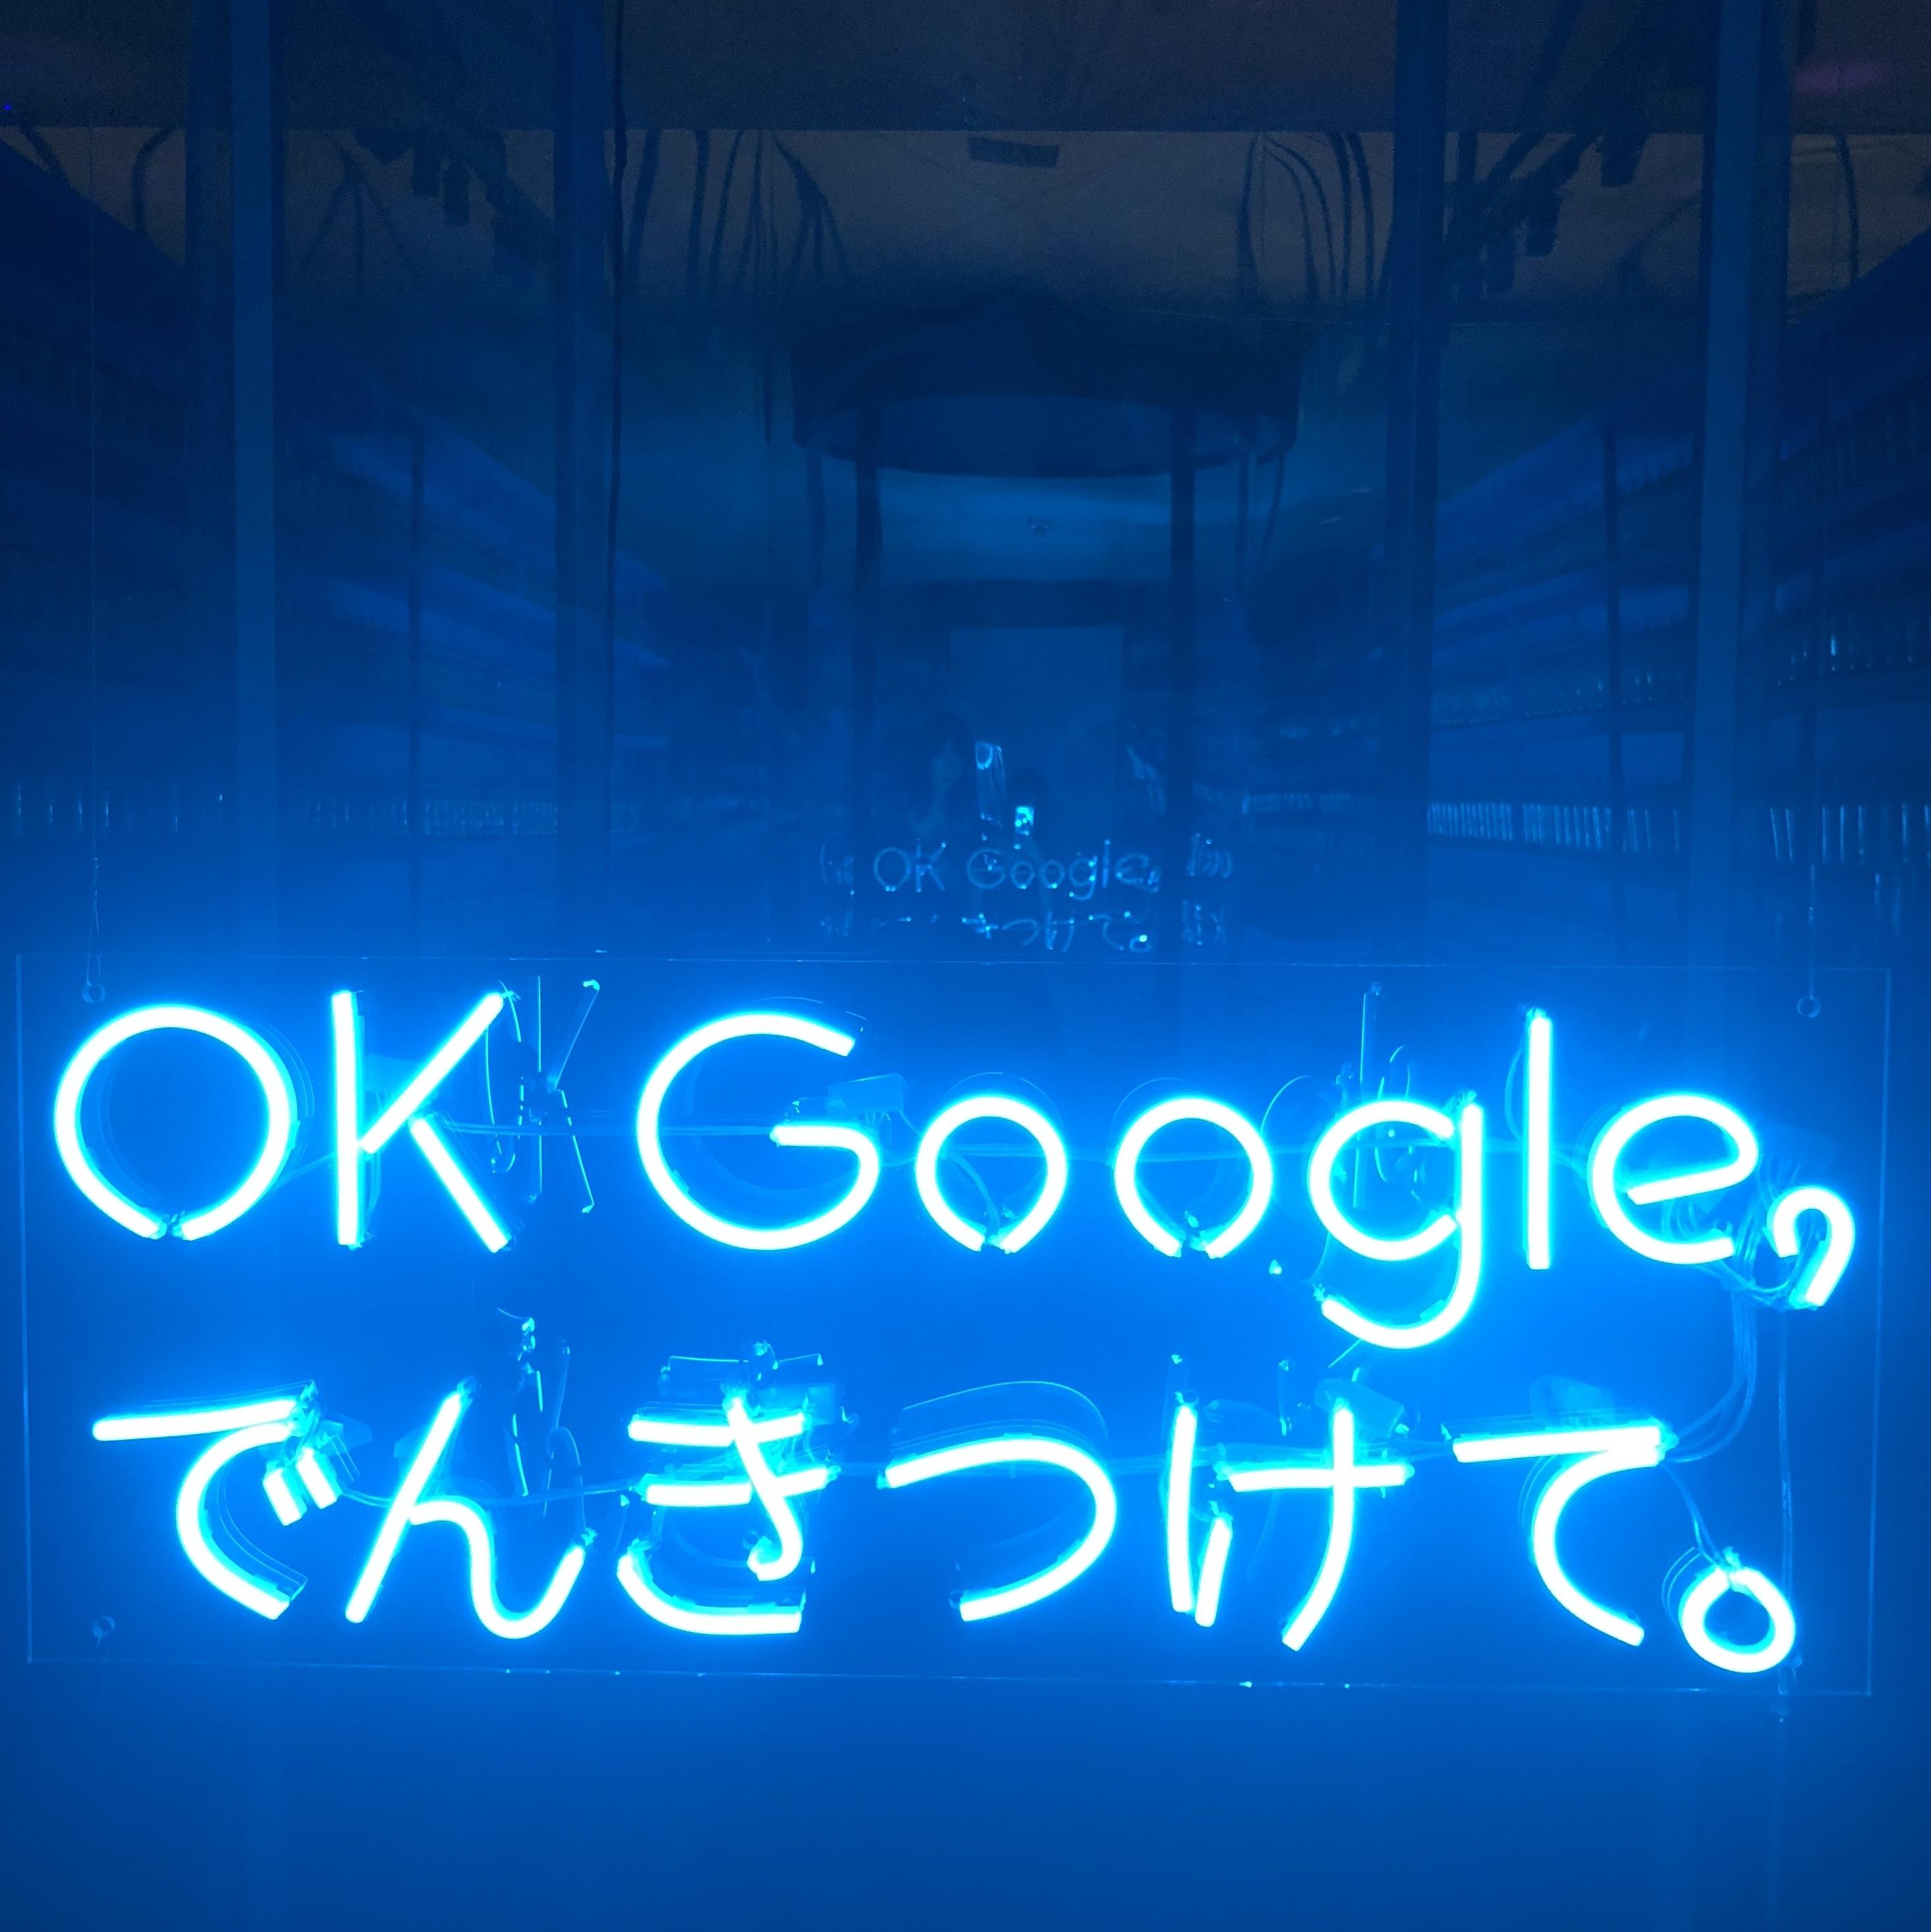 Vol.57♡ 9/2まで期間限定!世界一かわいいお化け屋敷、『OK Google, おばけやしきにつれてって。』_1_3-1